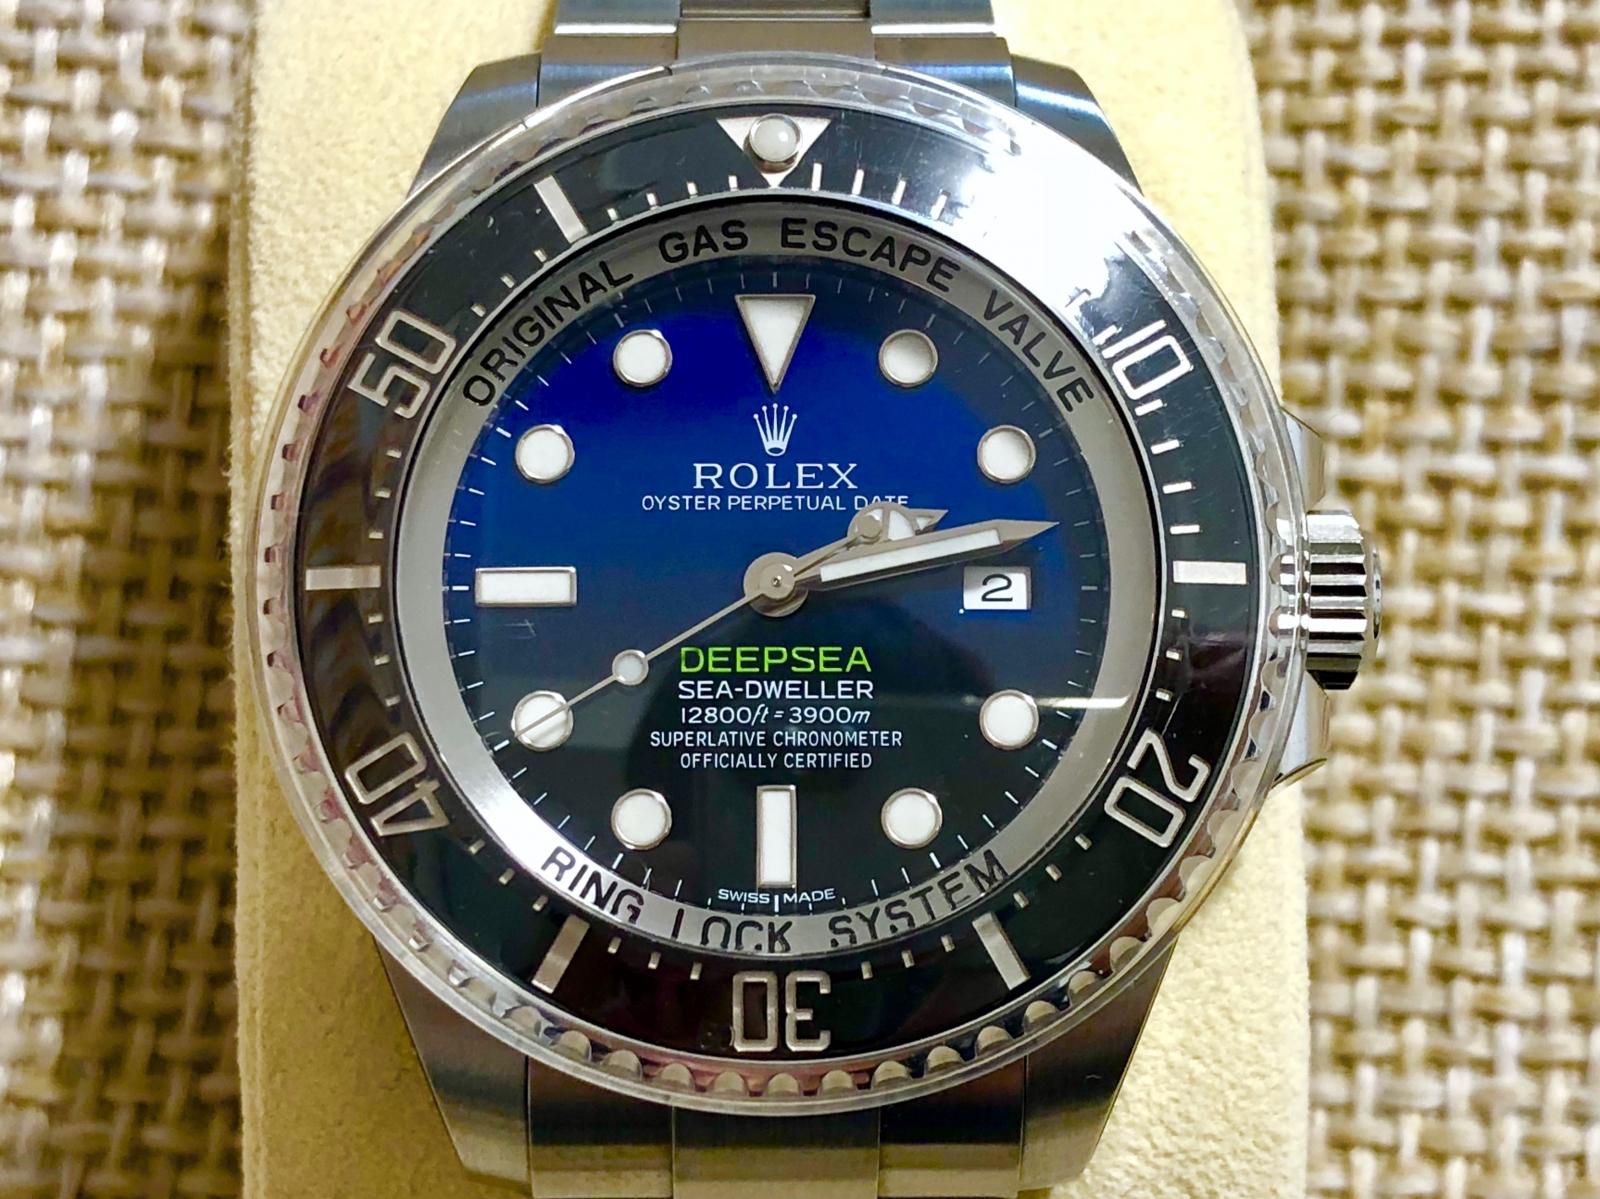 info for 13b3e f3d2e ホーム :: トケマー :: ROLEX / ロレックス :: シール付未使用 dブルー ディープシー シール付き未使用品 116660 d blue  ROLEX シードゥエラー